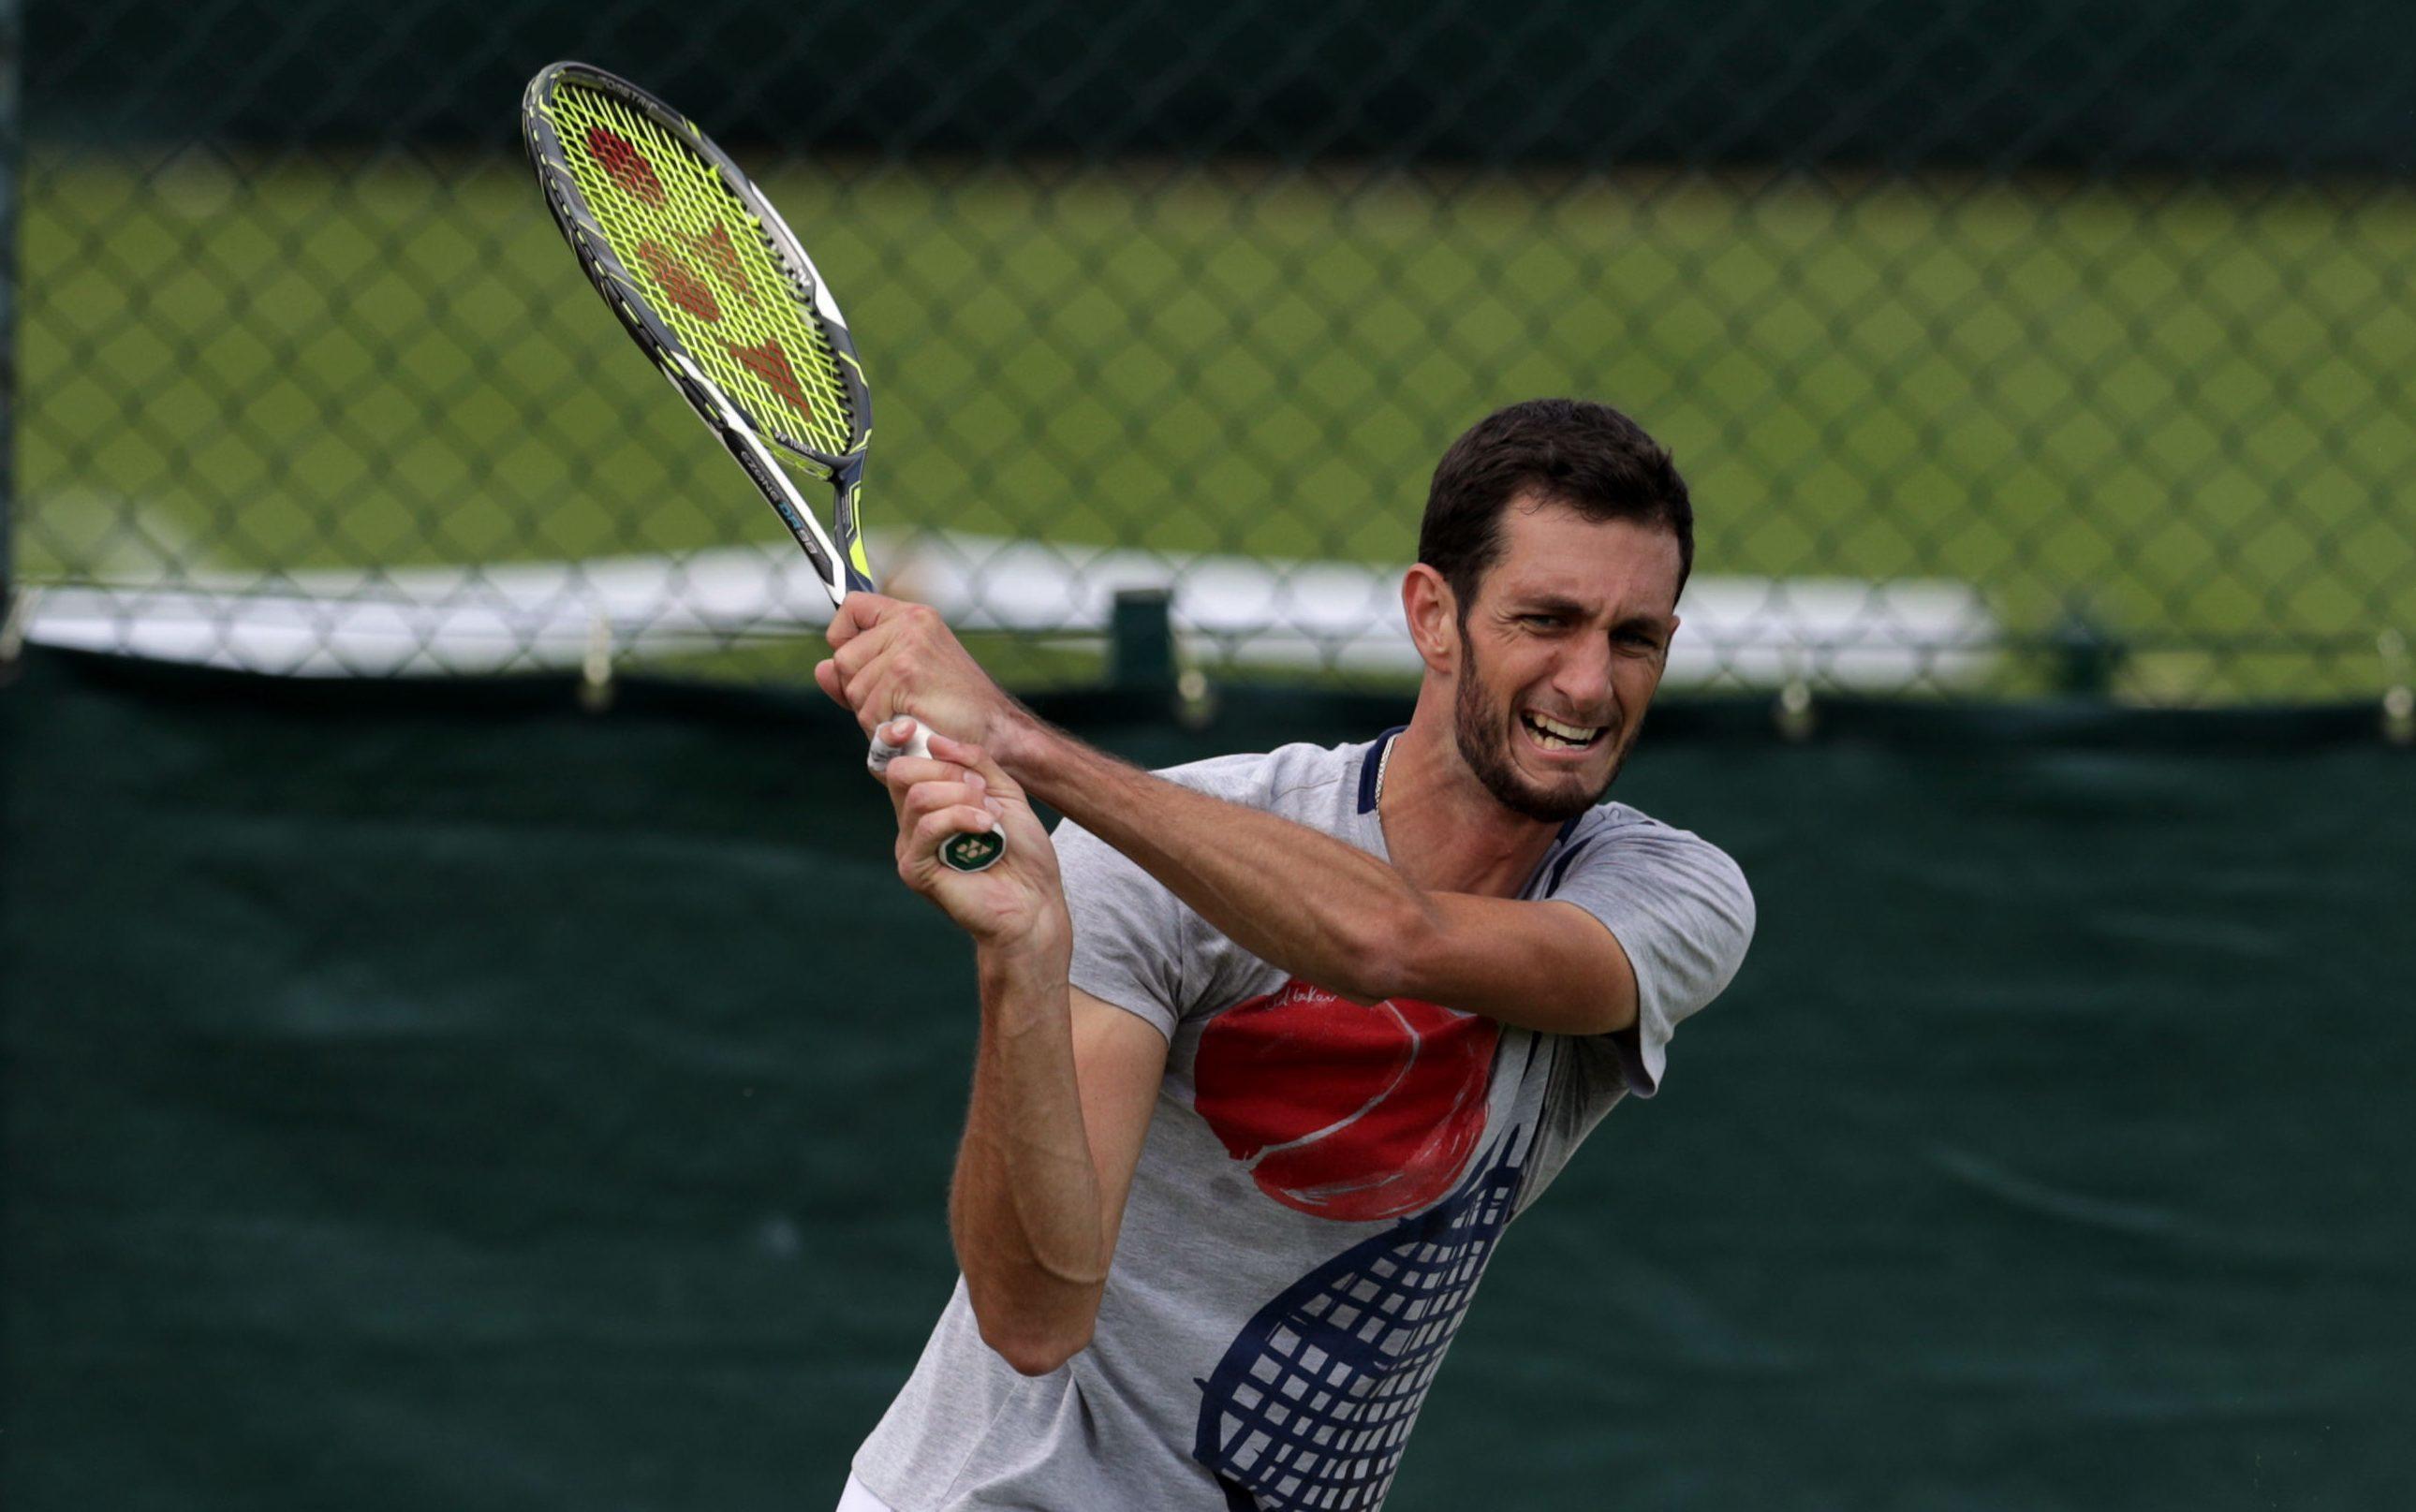 James Ward practising ahead of Wimbledon.